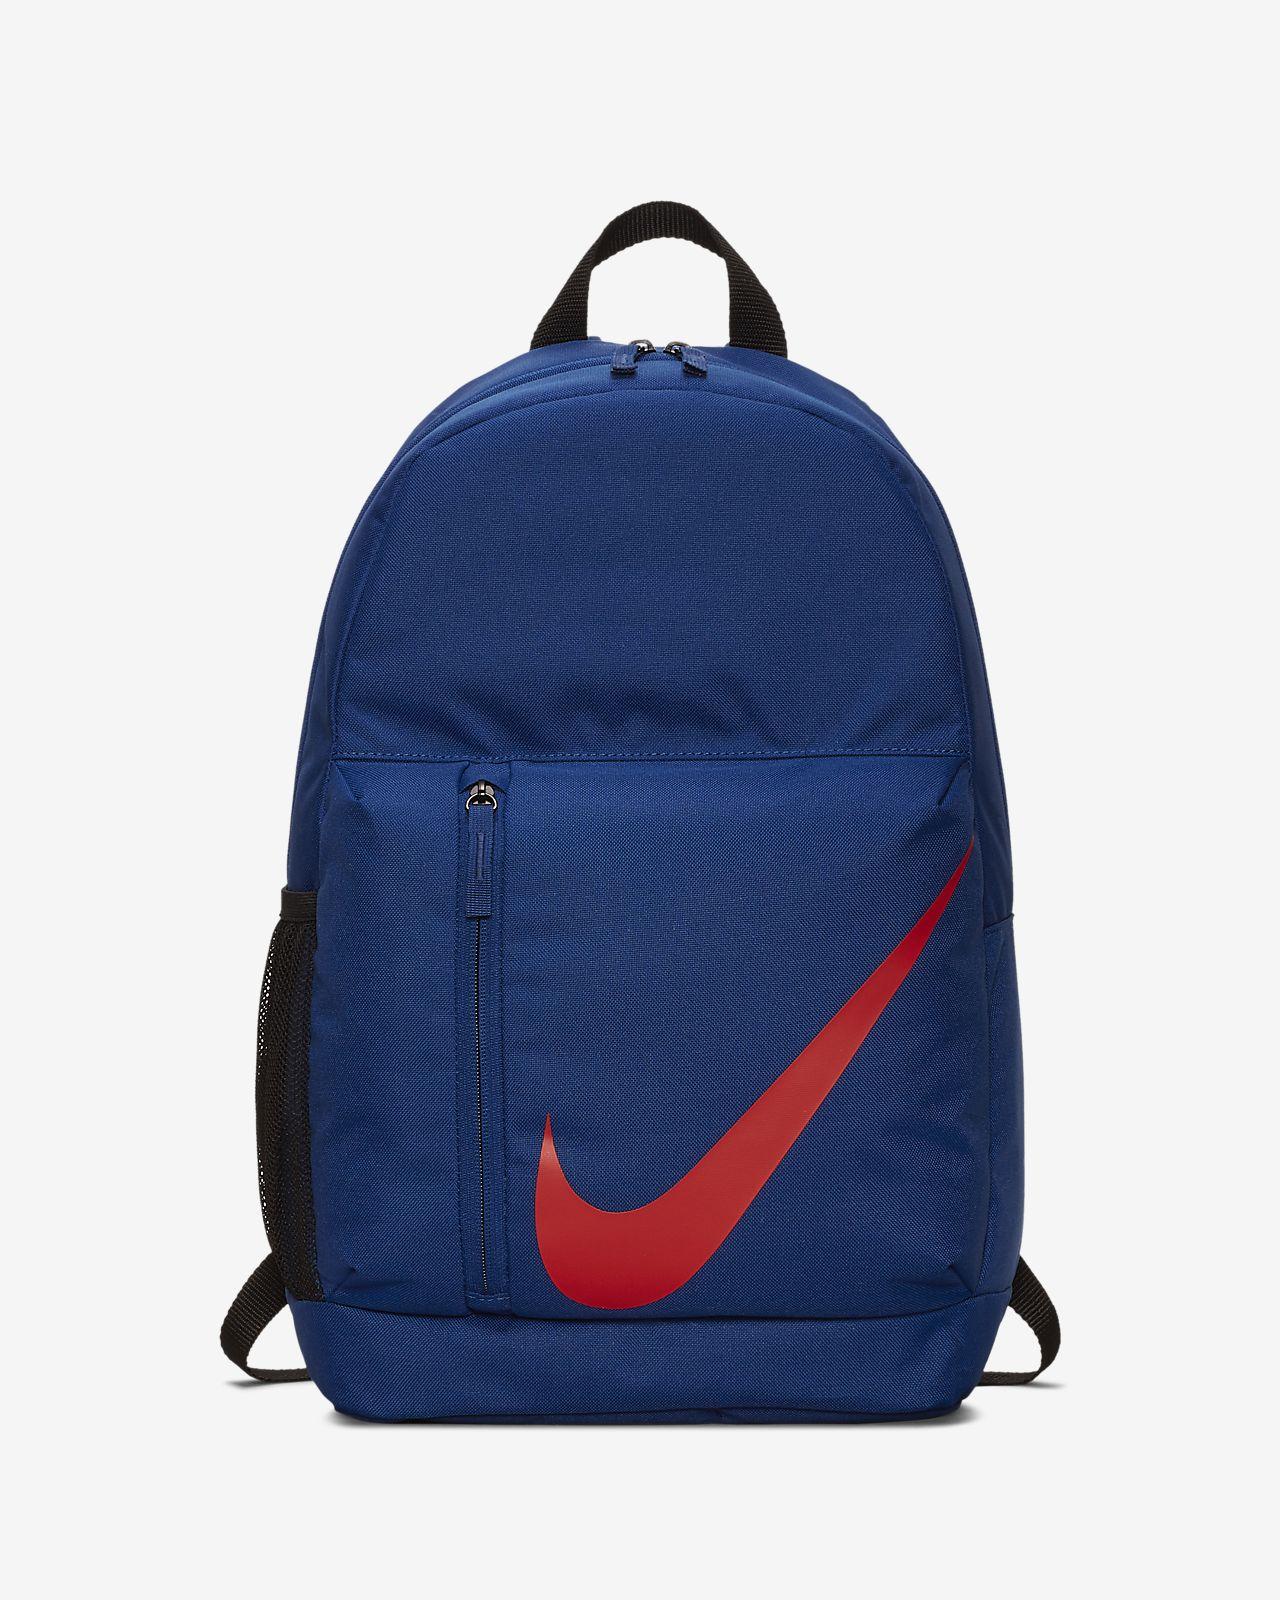 ba2f5b9c36ae1 Low Resolution Plecak dziecięcy Nike Plecak dziecięcy Nike